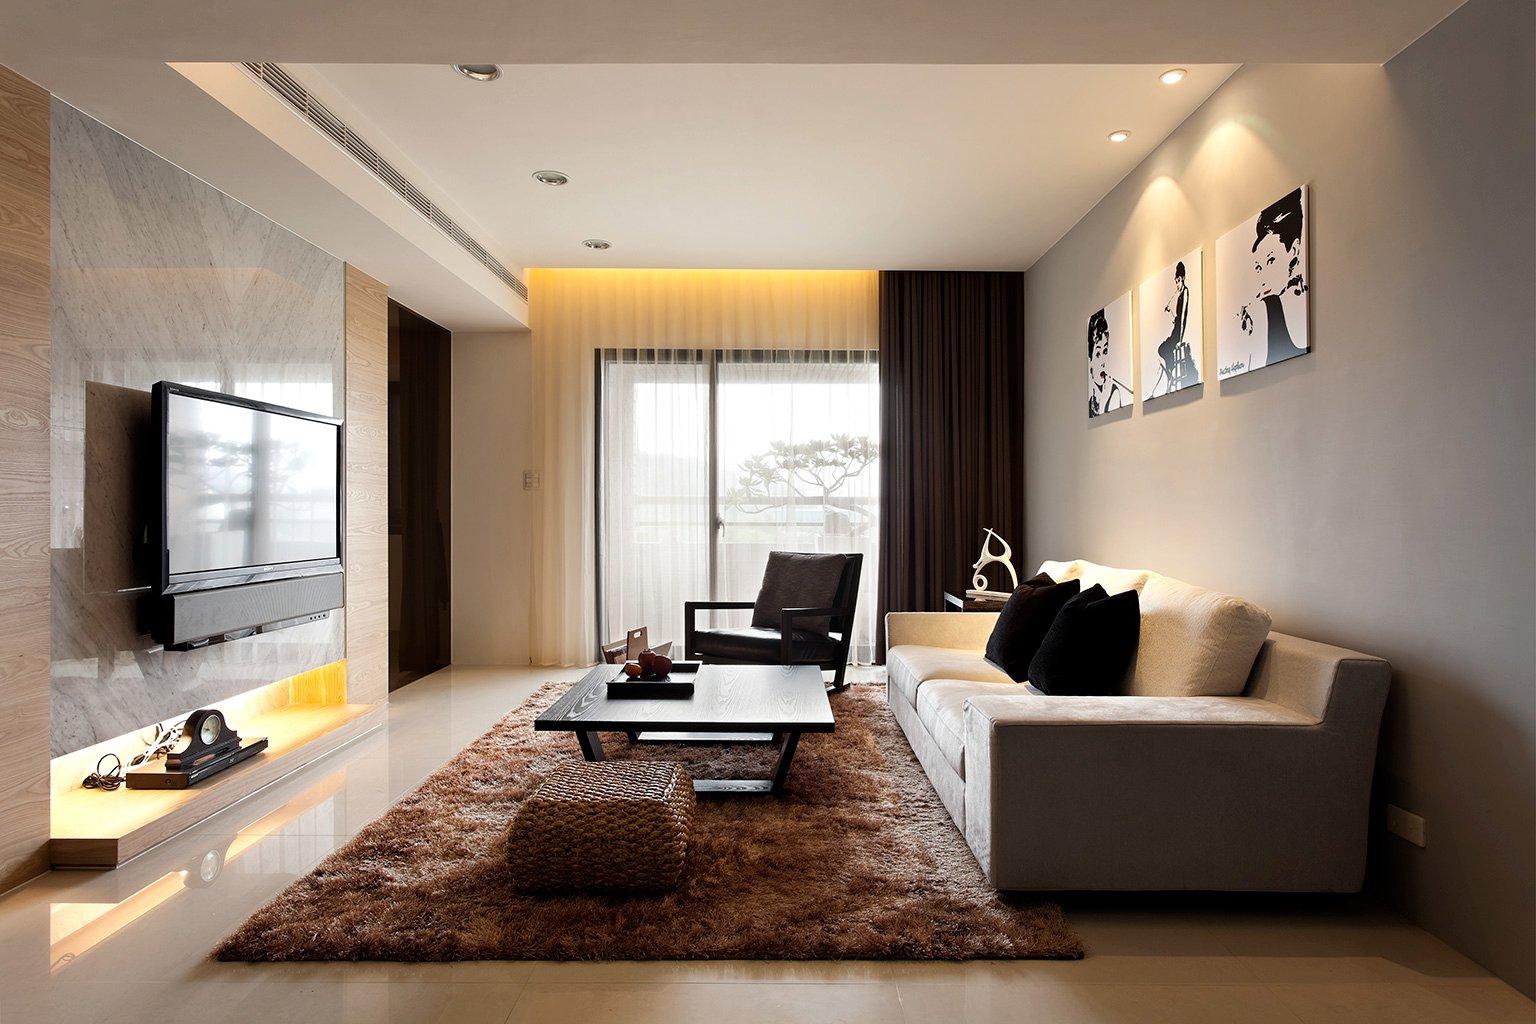 Contemporary living room design 19 ideas